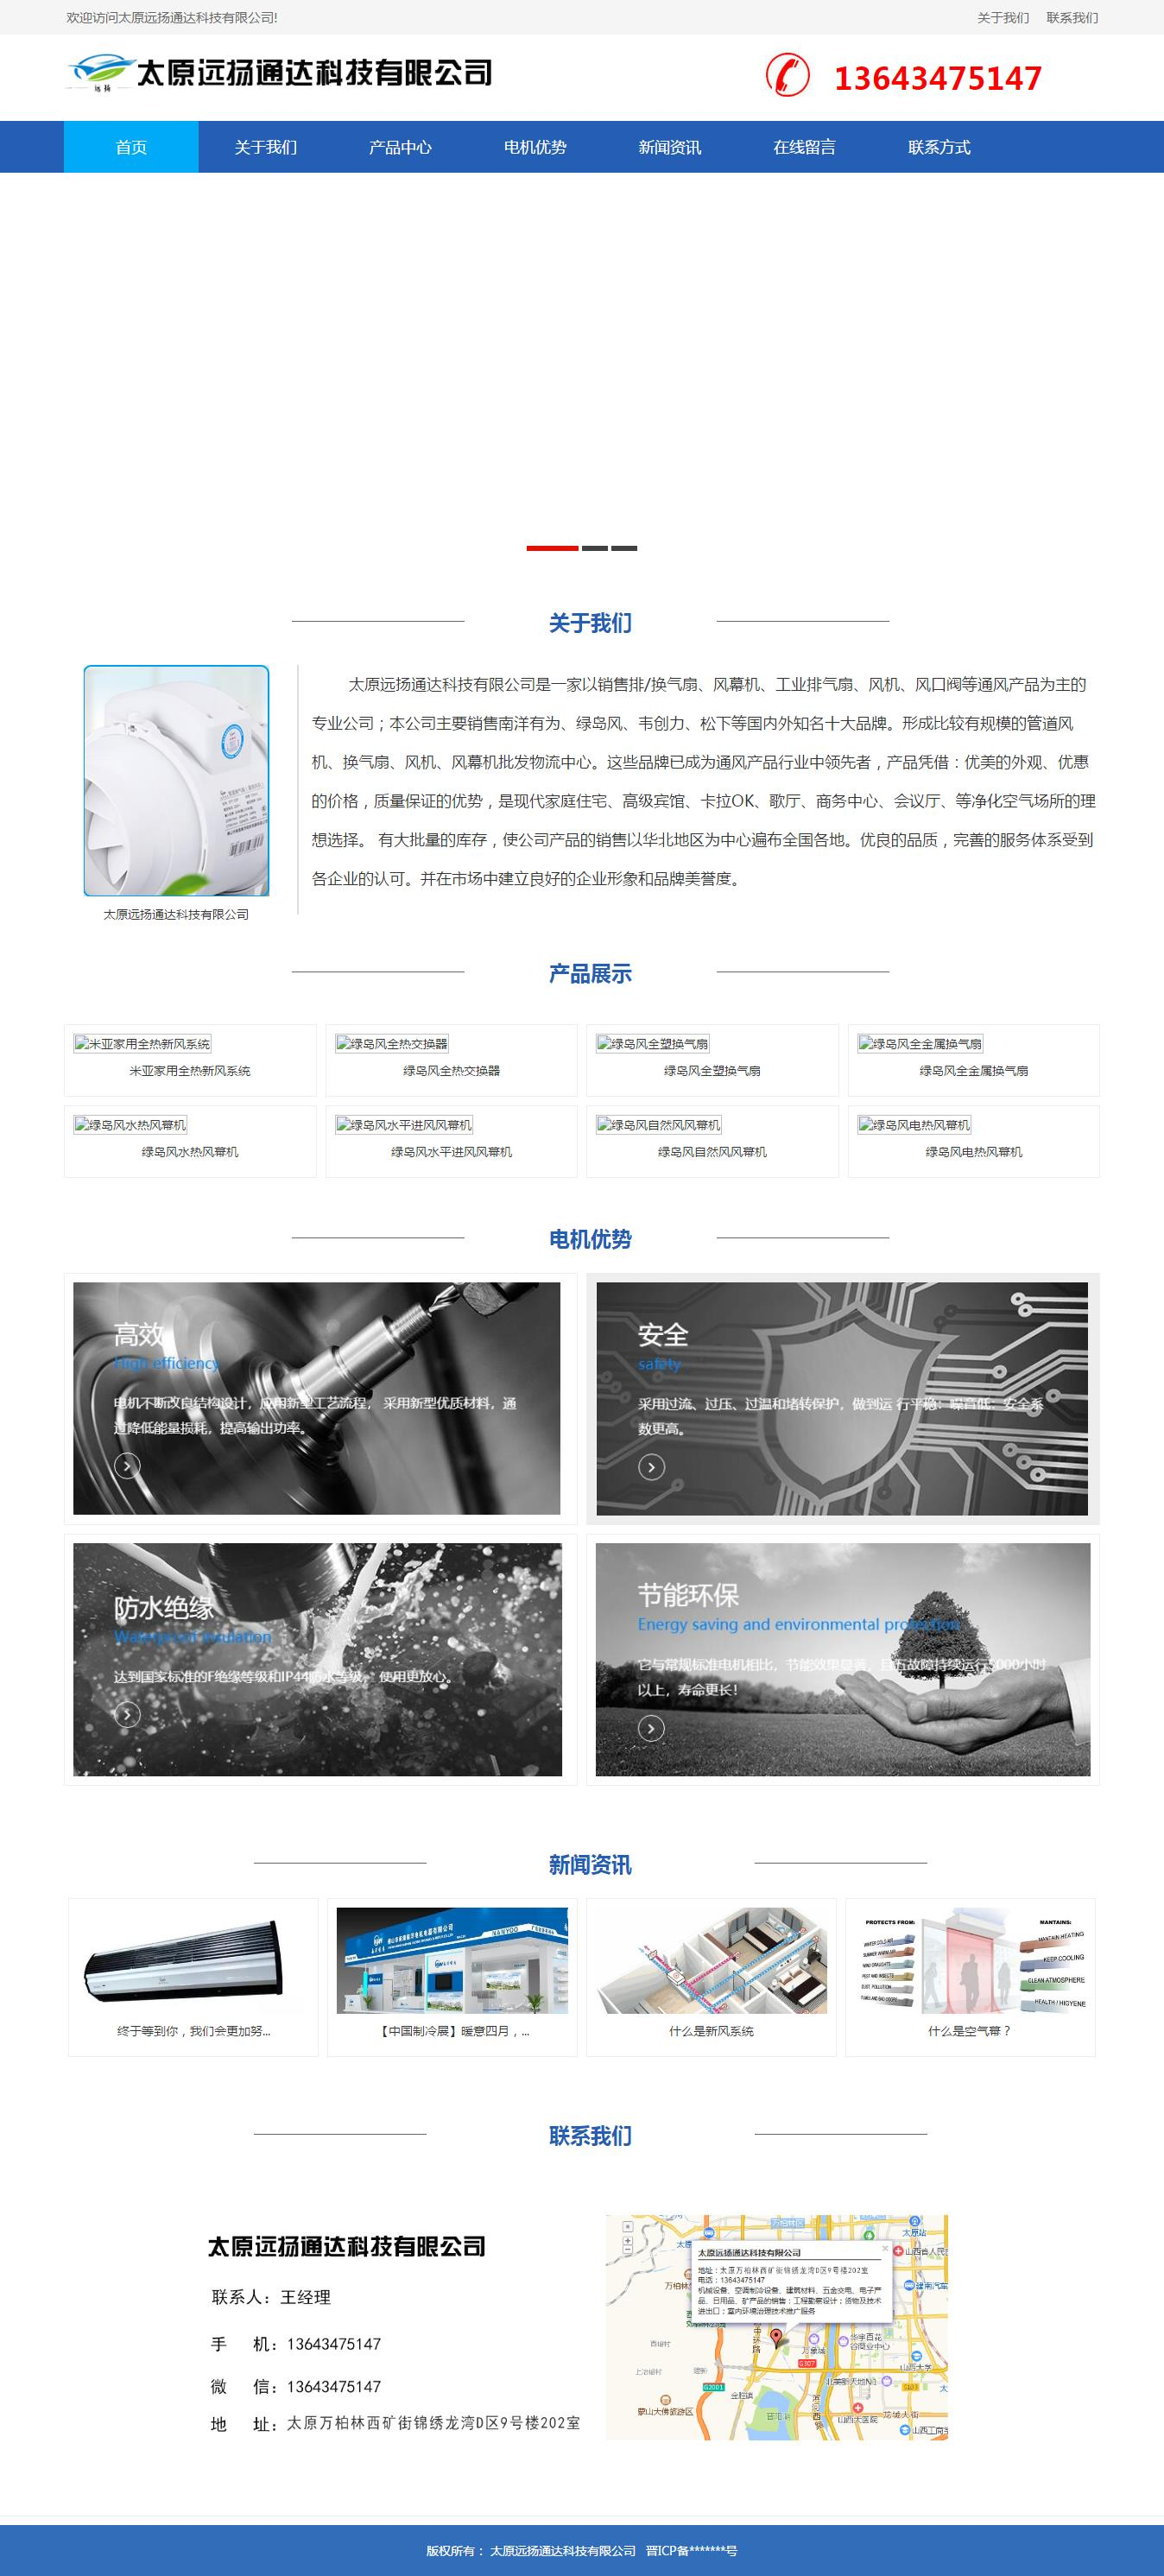 易胜博ysb248网址-太原远扬通达科技有限公司